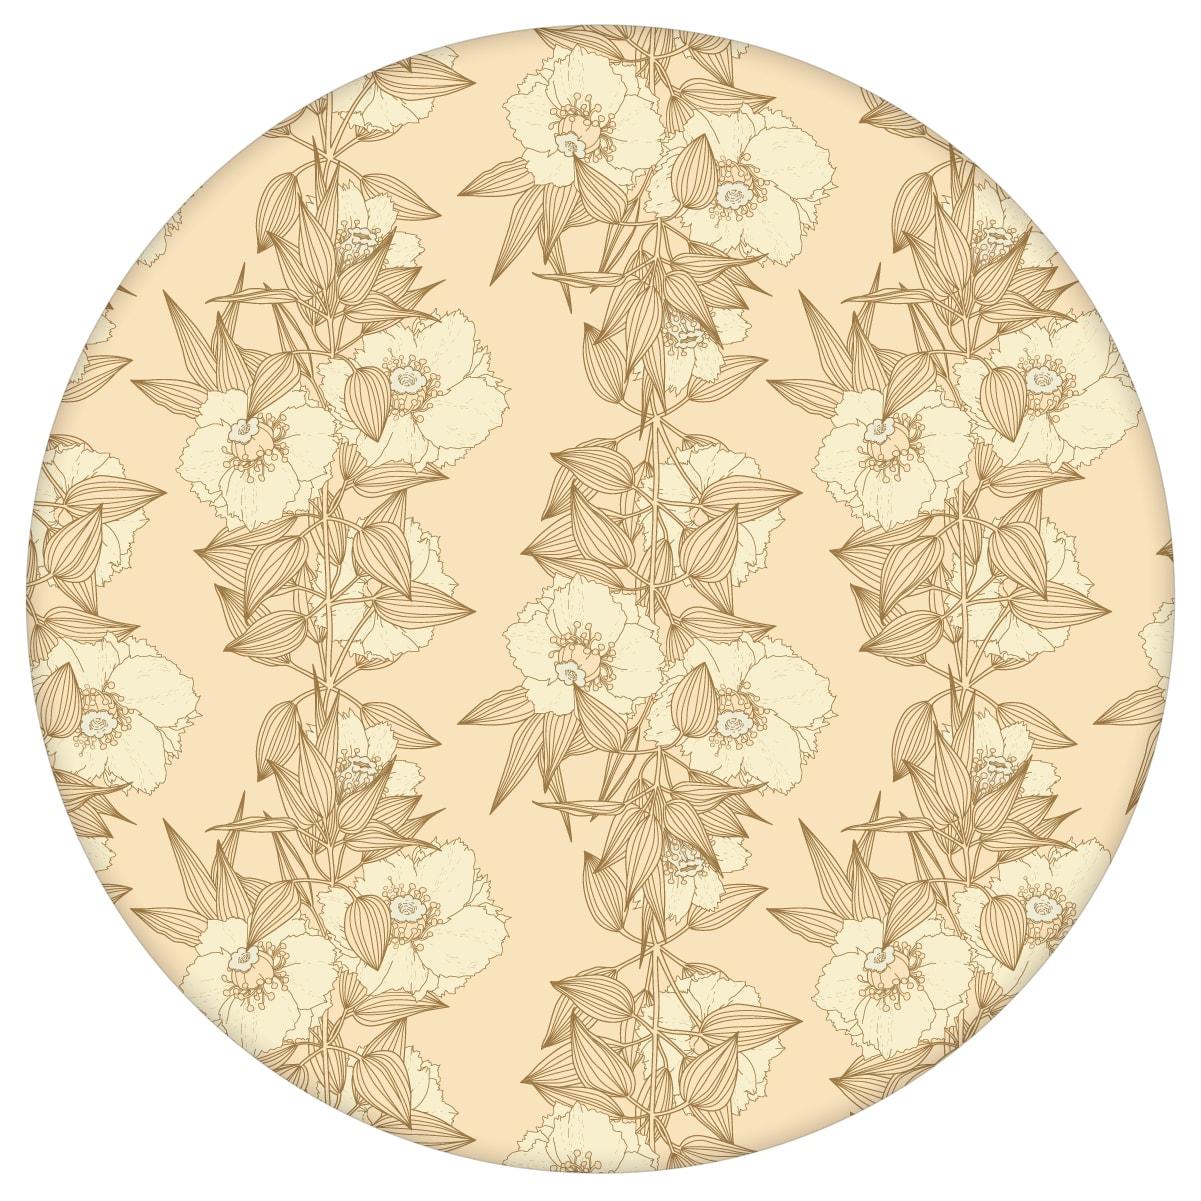 Garten Eden Blumentapete Blüten Ranken in vanille - Design Tapete für Schlafzimmer 2